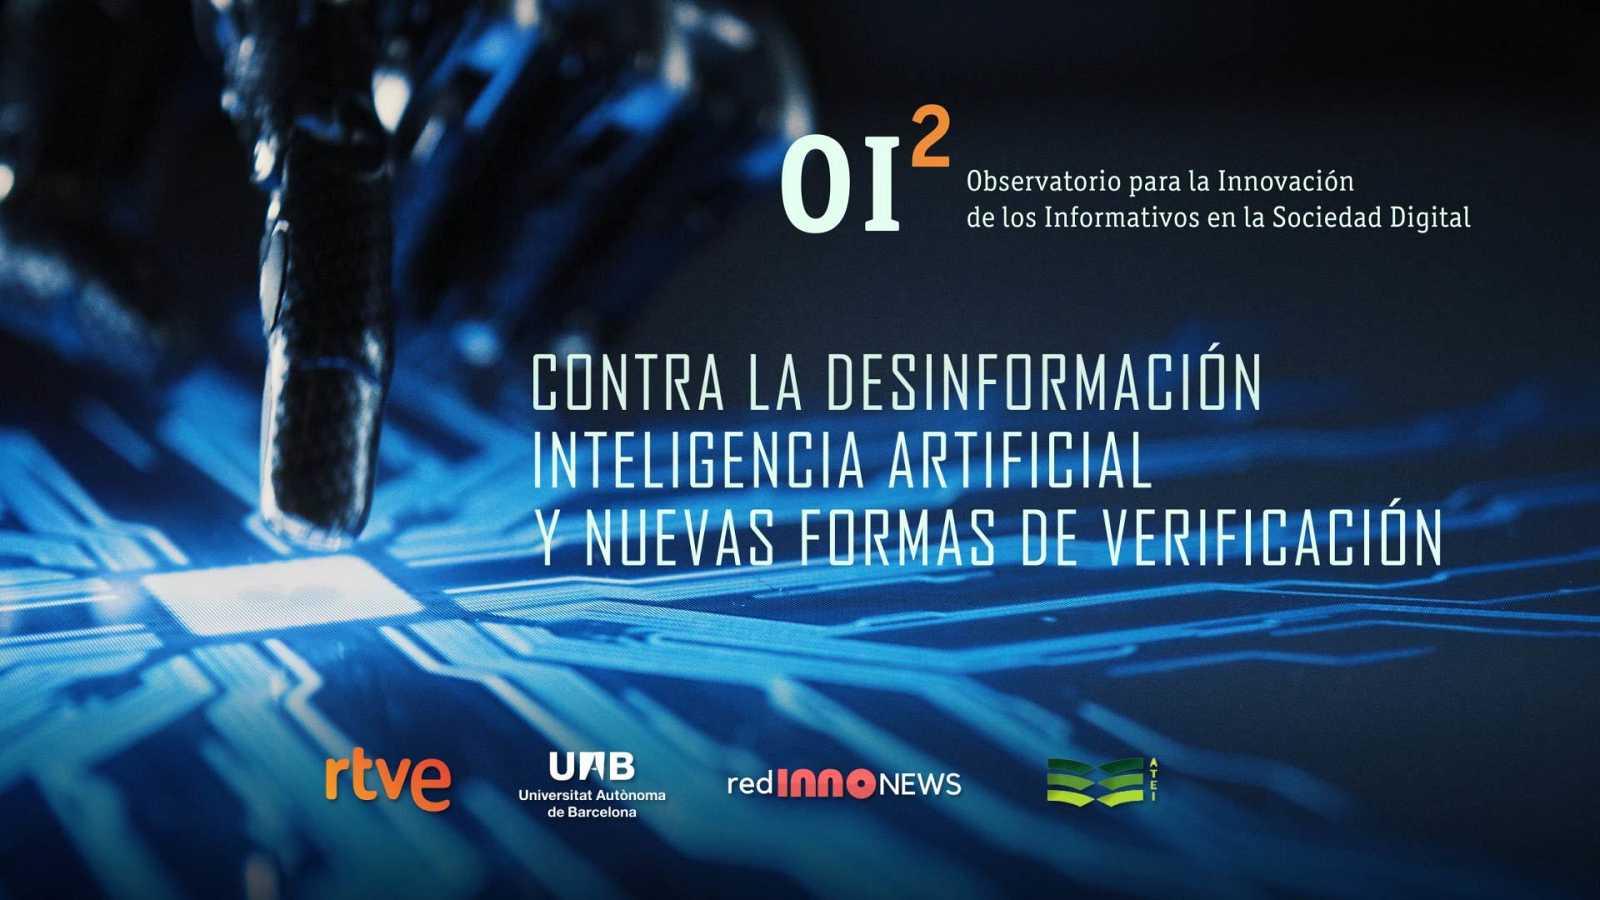 VI Jornadas OI2 -  'Contra la desinformación. Inteligencia artificial y nuevas formas de verificación'